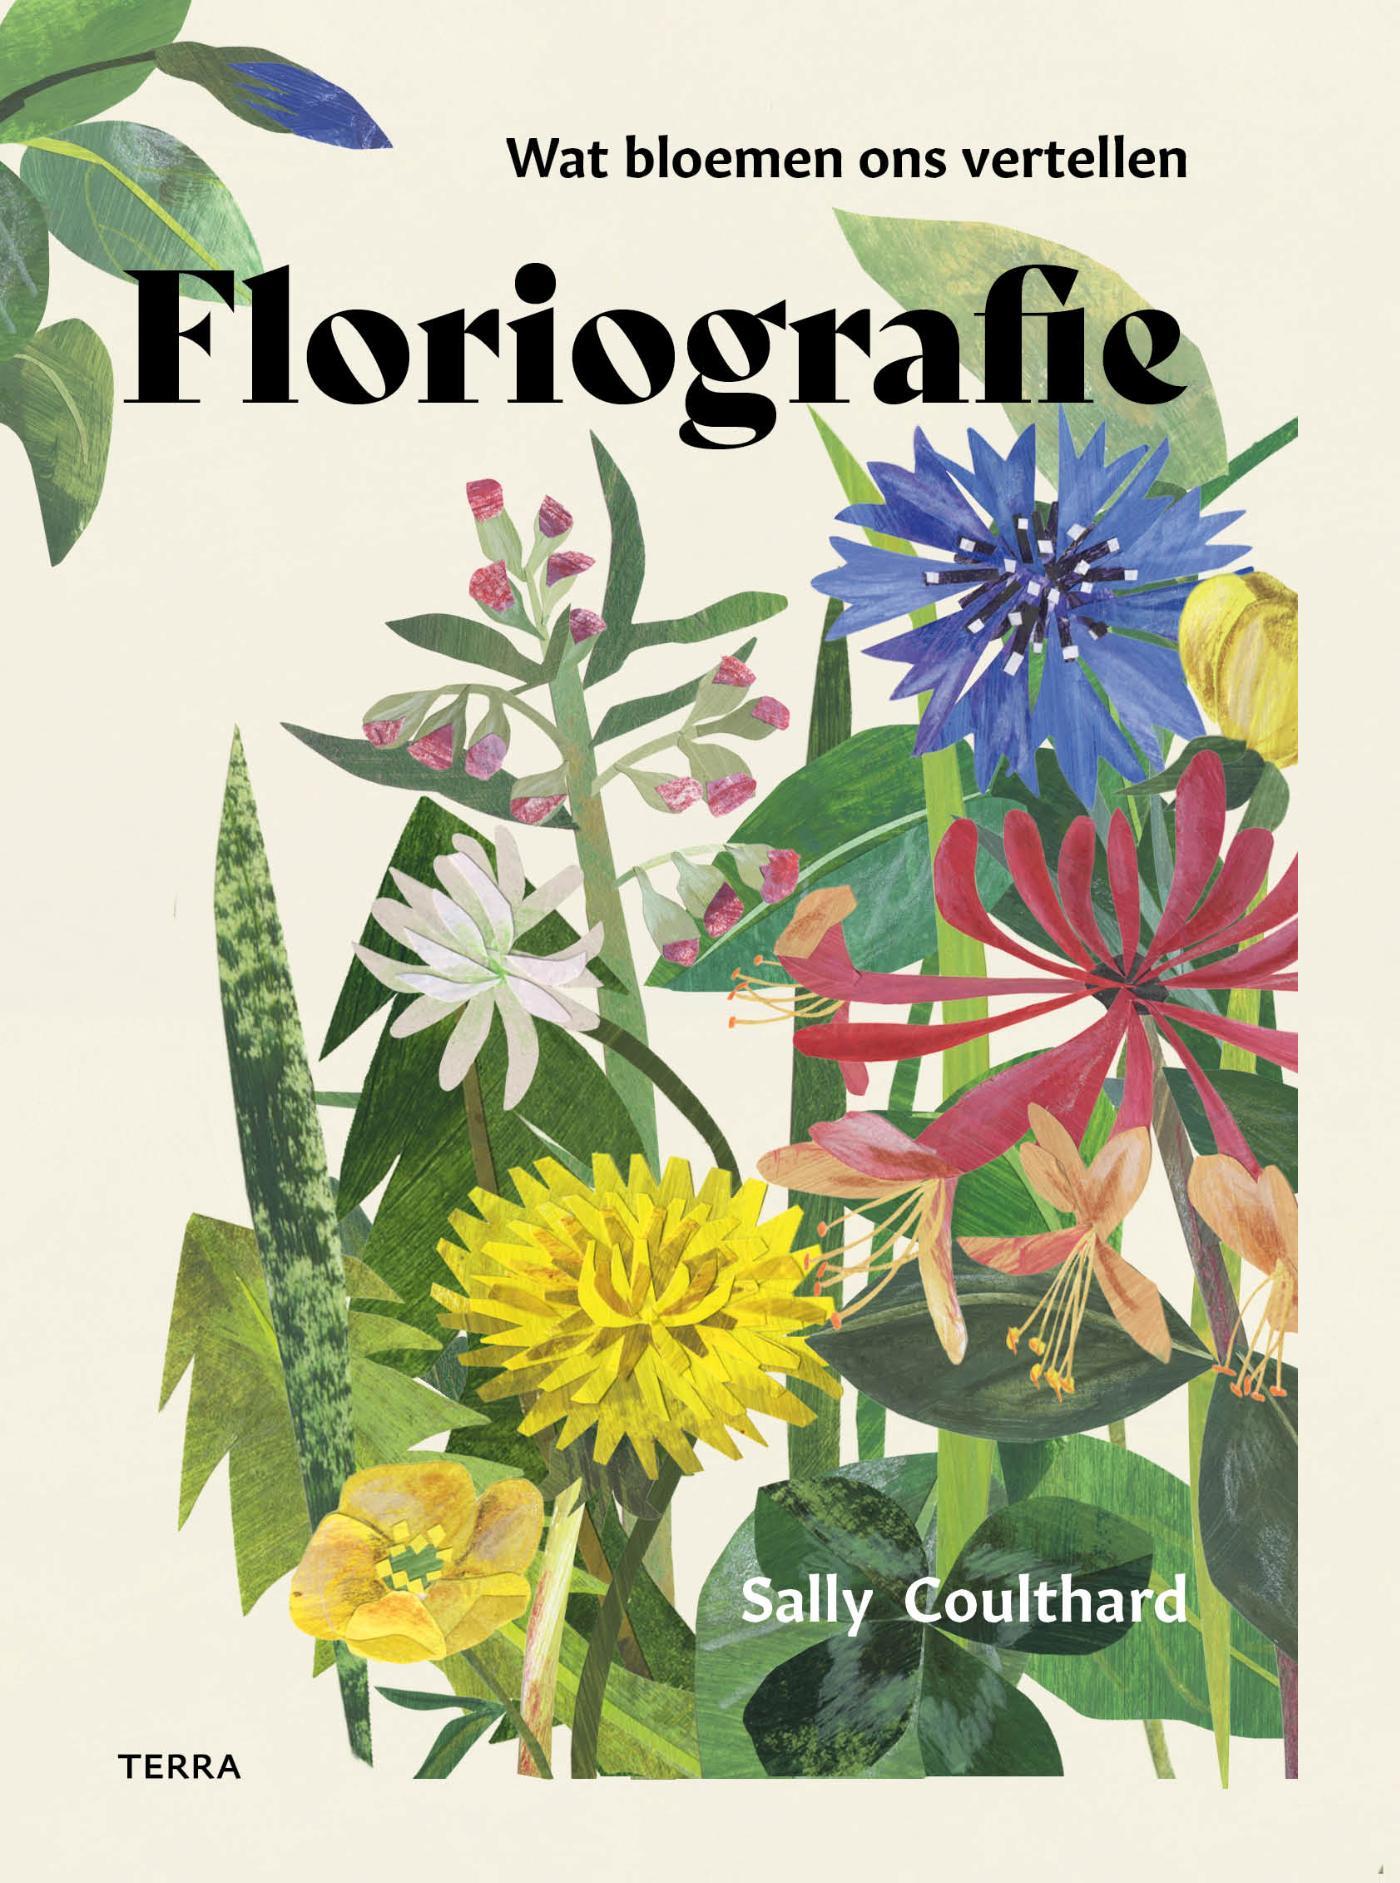 Floriografie | Sally Coulthard 9789089898456 Sally Coulthard; illustraties Clover Robin Terra   Natuurgidsen, Plantenboeken Reisinformatie algemeen